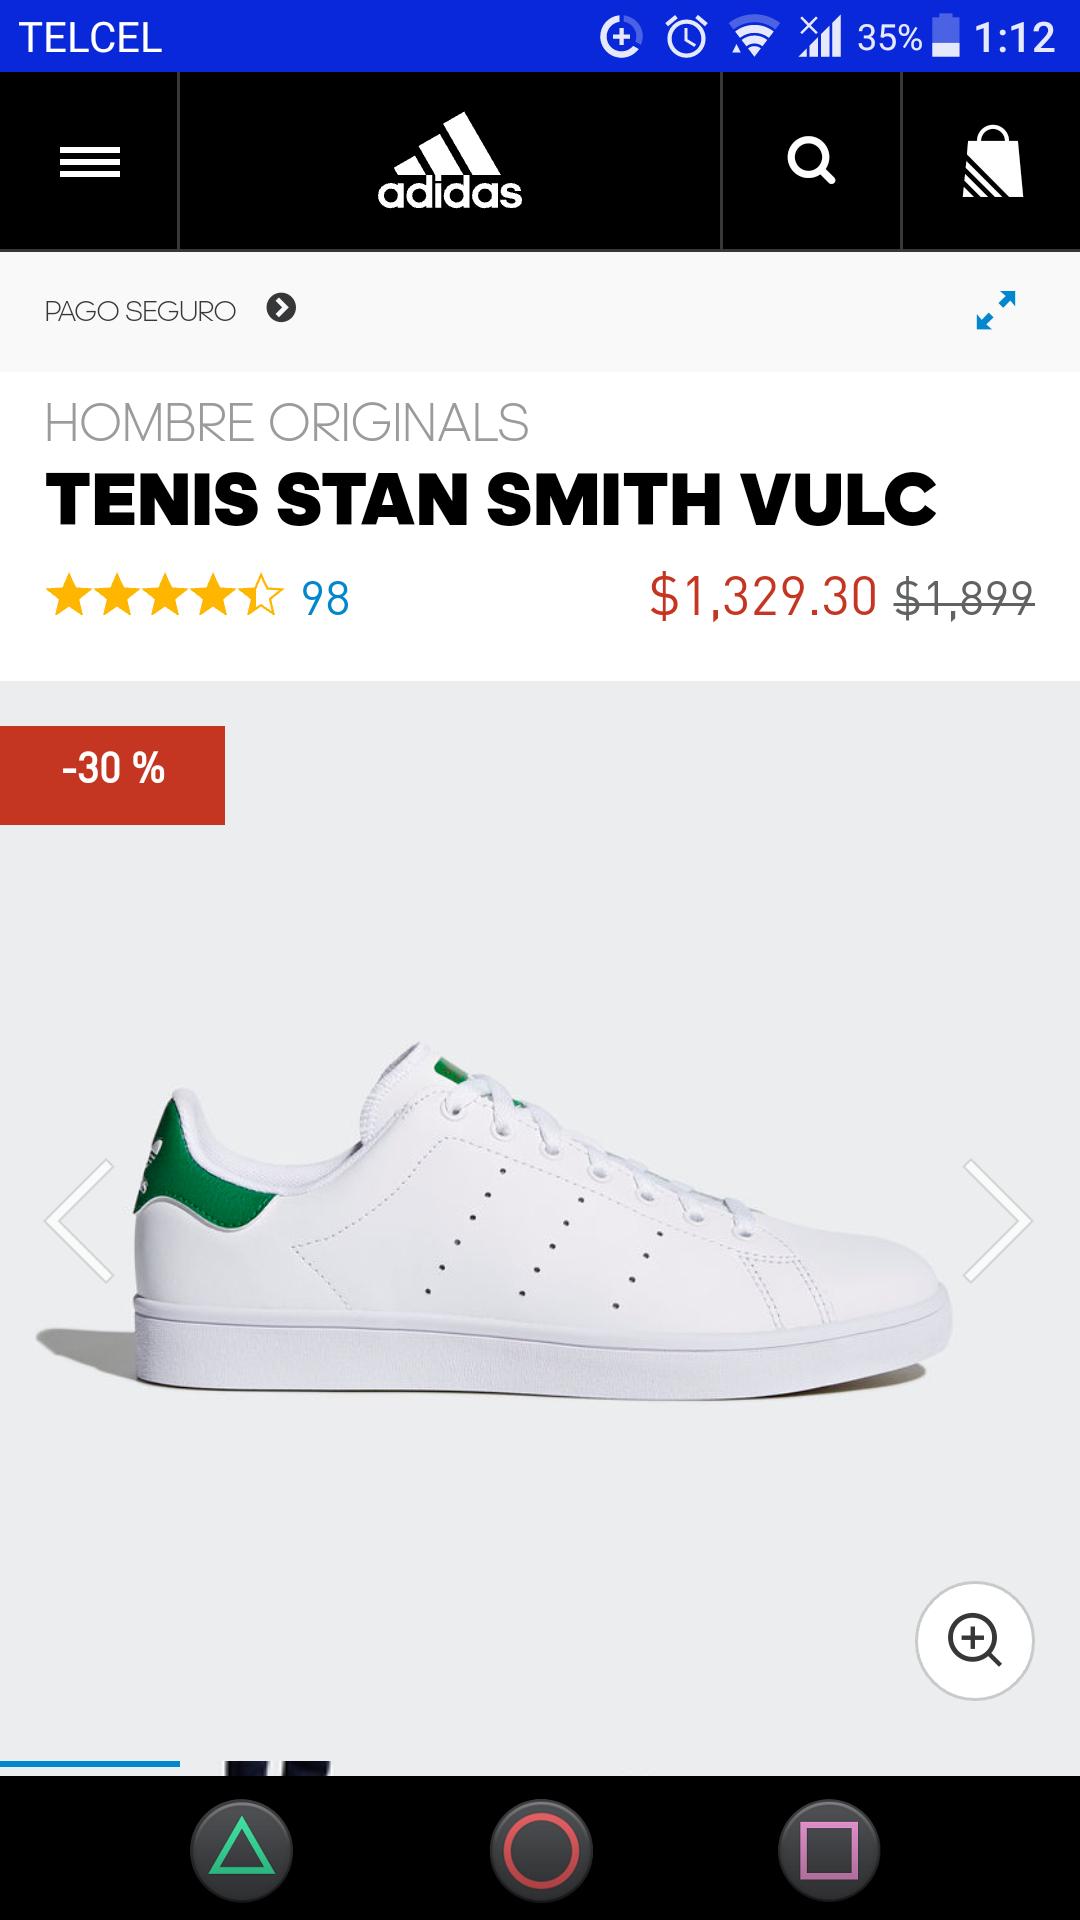 Adidas: Tenis Adidas Stan Smith Vulc